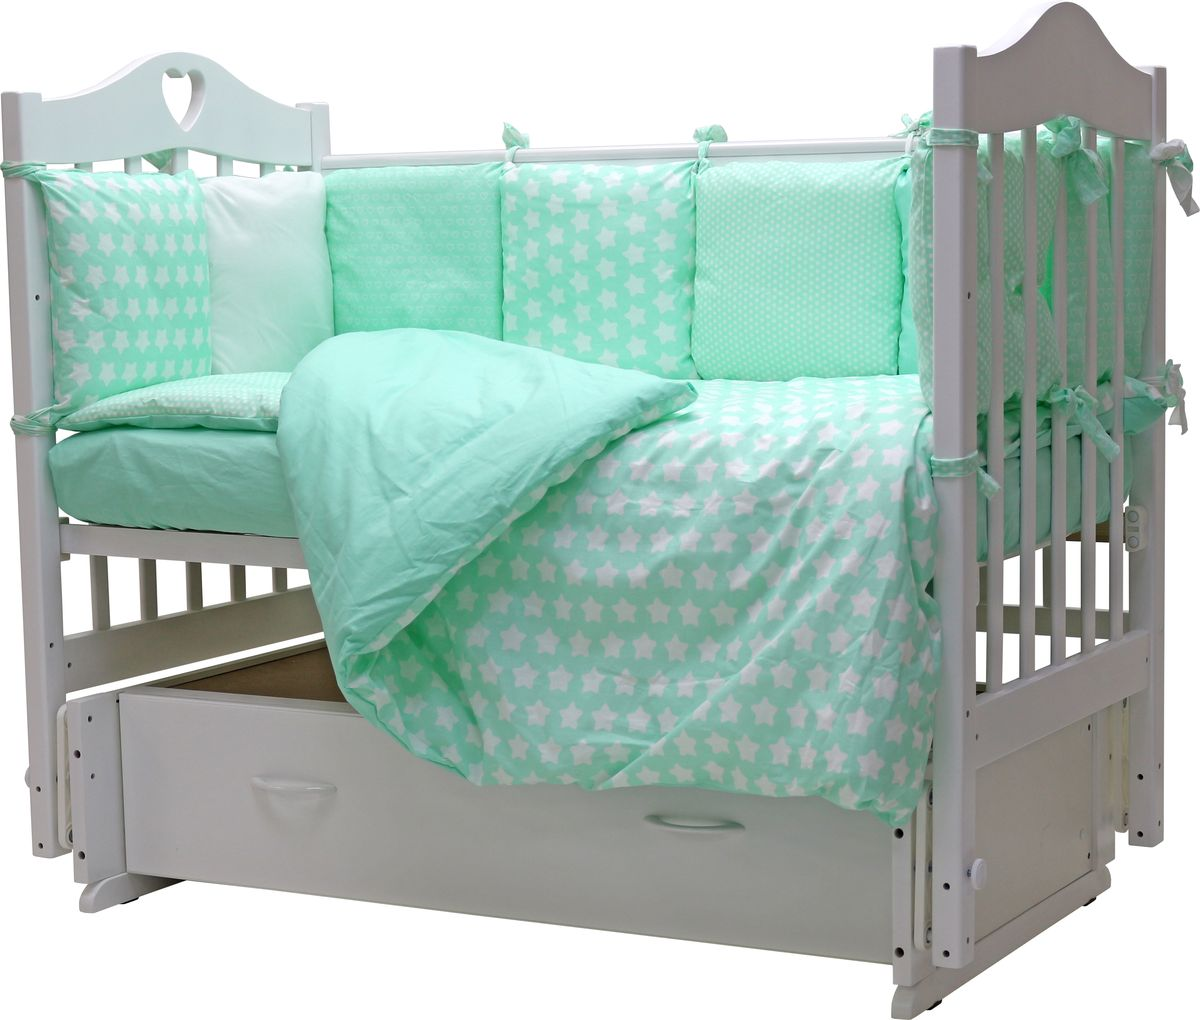 Топотушки Комплект детского постельного белья 12 месяцев цвет мятный 6 предметов топотушки комплект детского постельного белья тори 7 предметов